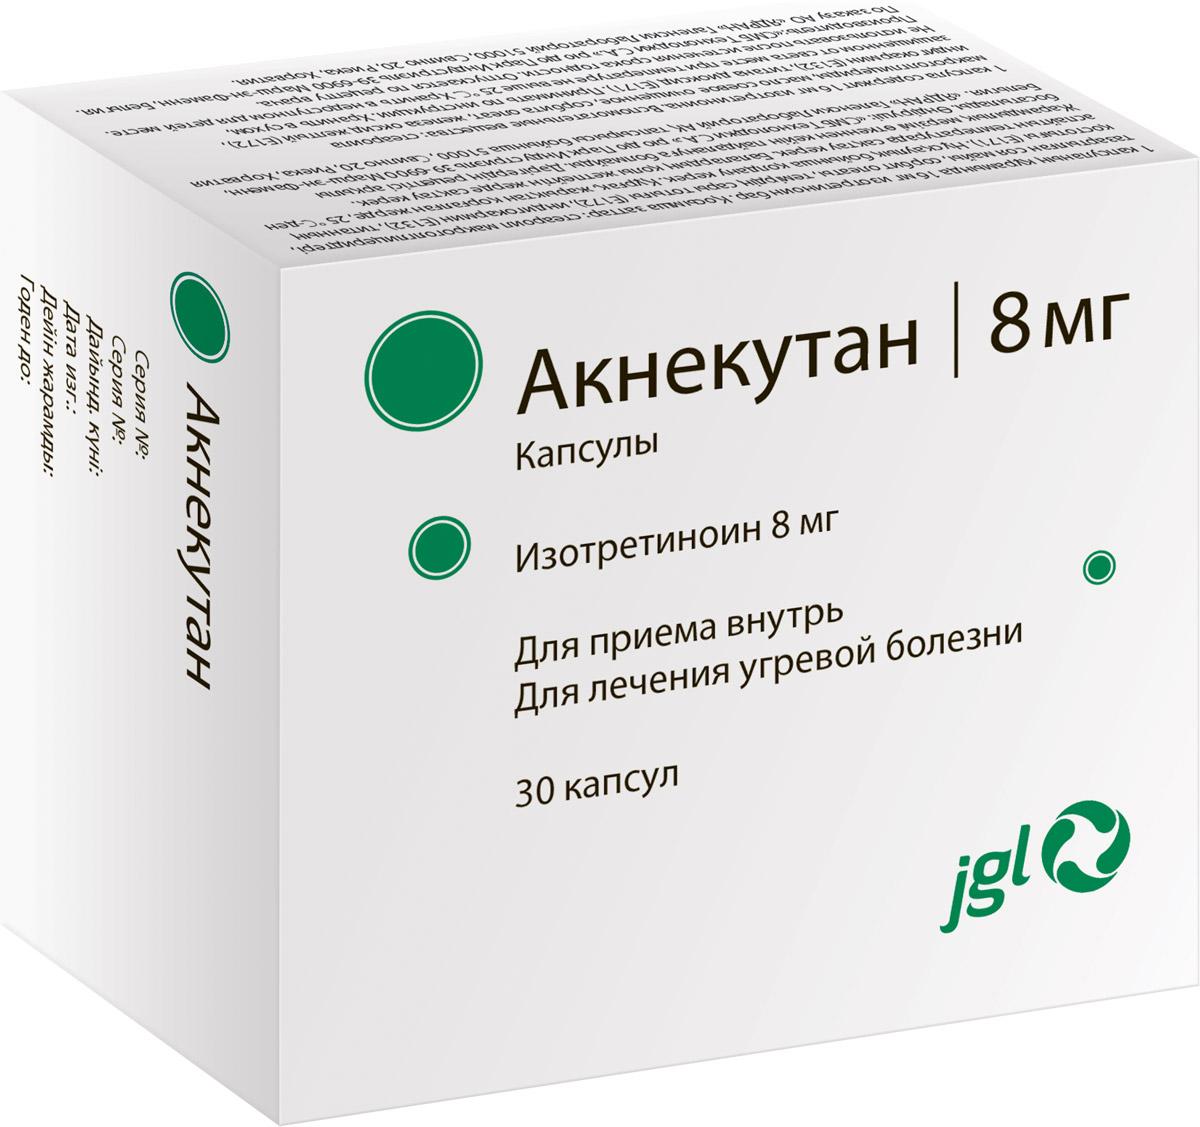 Фото препарата Акнекутан капсулы 8 мг блистер